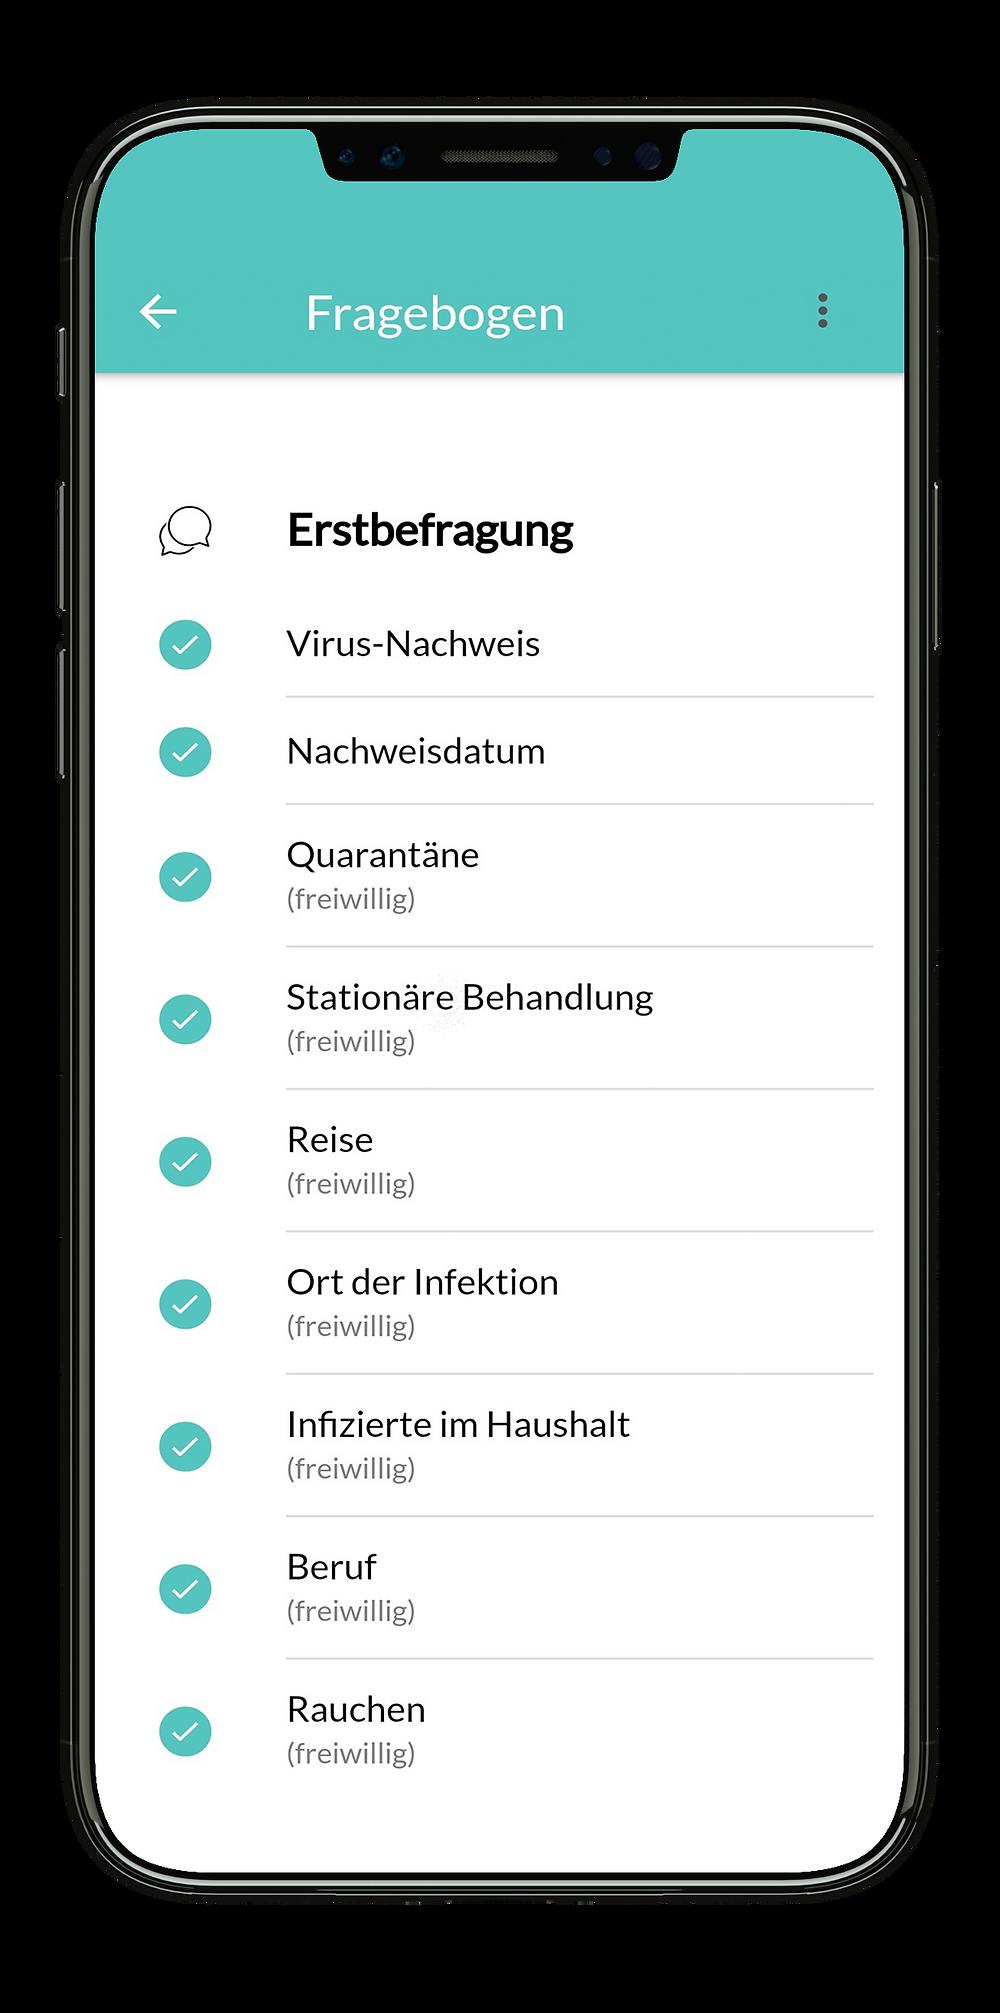 Bildschirmfoto der App von MillionFriends für positiv getestete SARS-CoV-2 Patienten